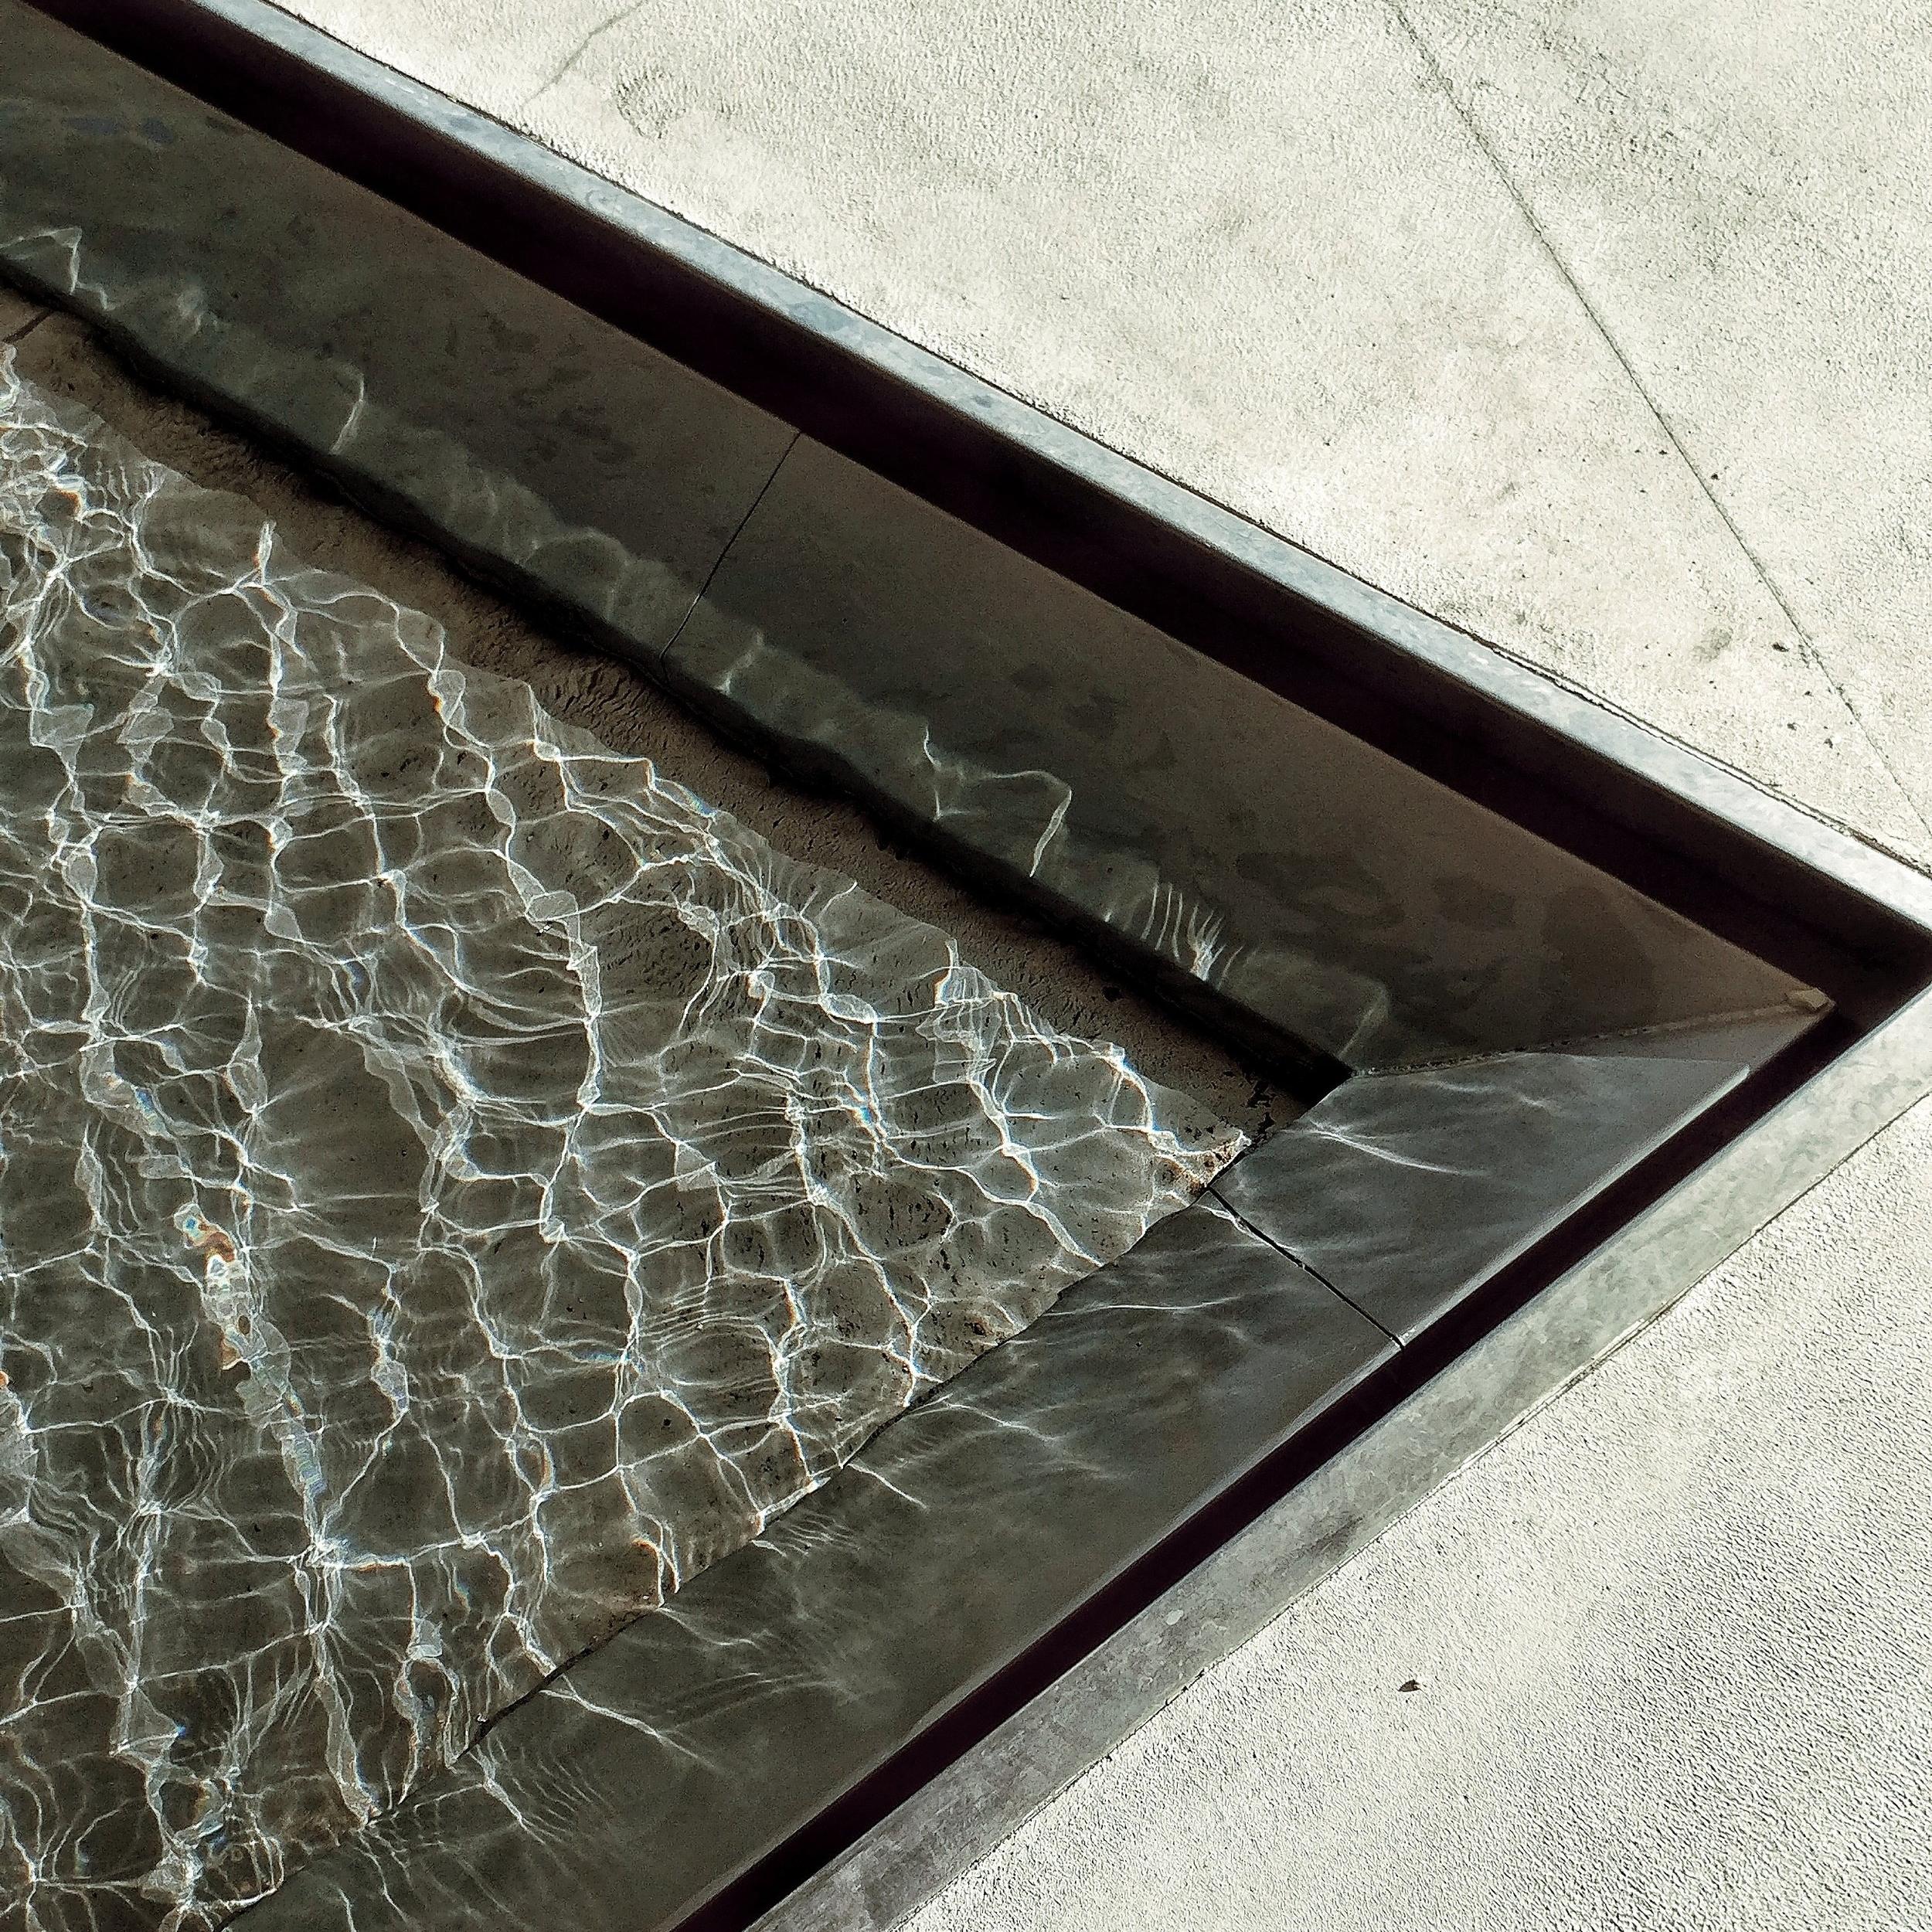 Floors of Glass - Exodus 24:10, Rev. 4:6, Rev. 15:2